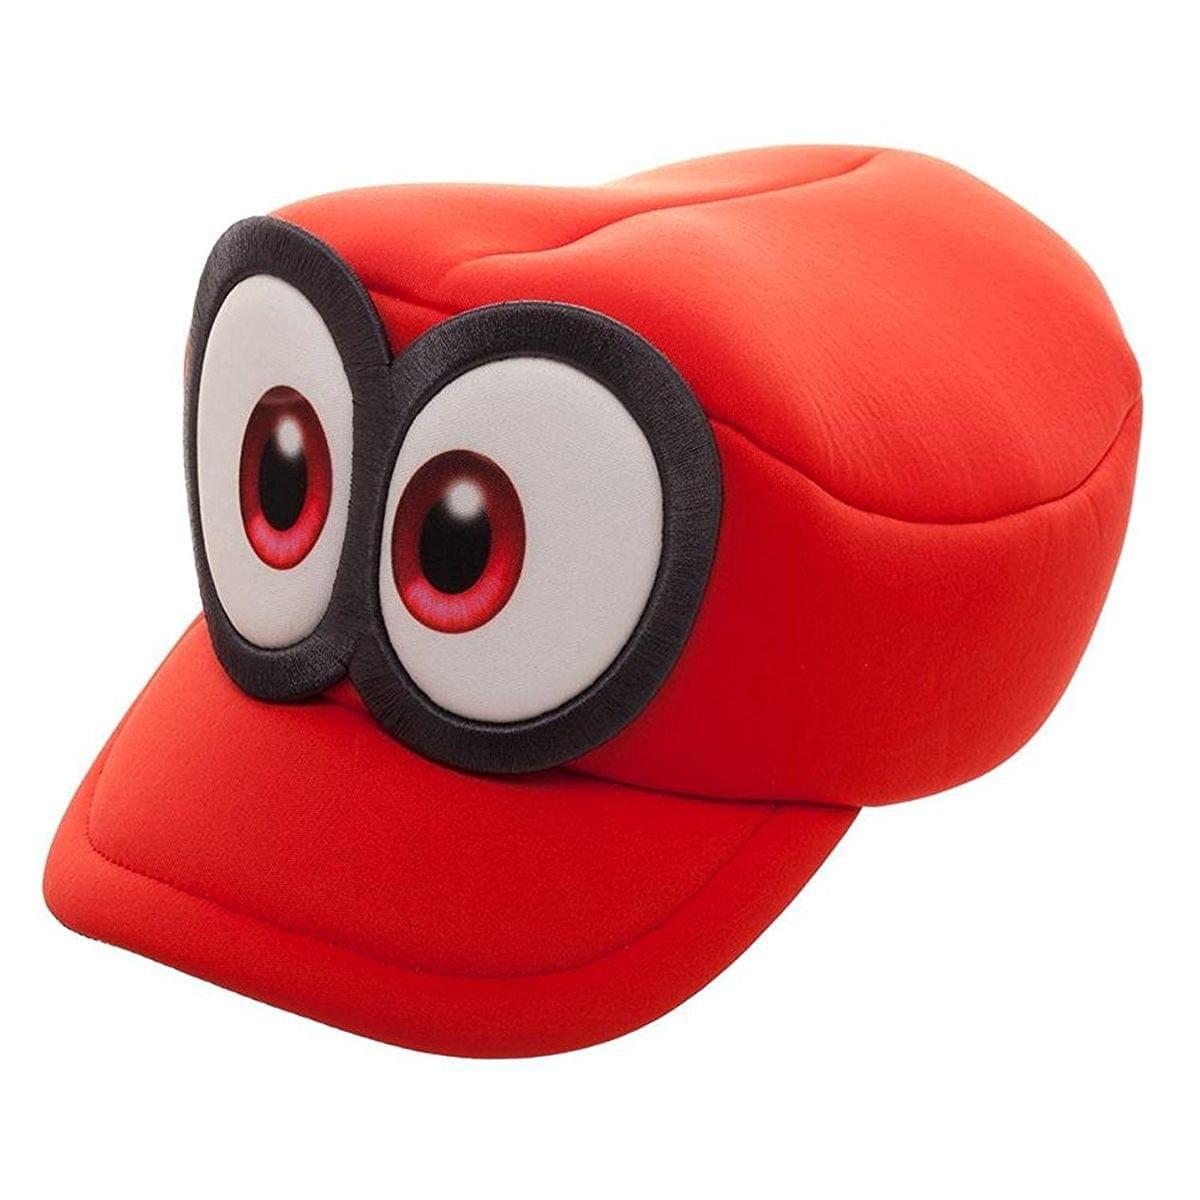 Super Mario Bros Super Mario Odyssey Cappy Hat Cosplay Accessory Walmart Com Walmart Com